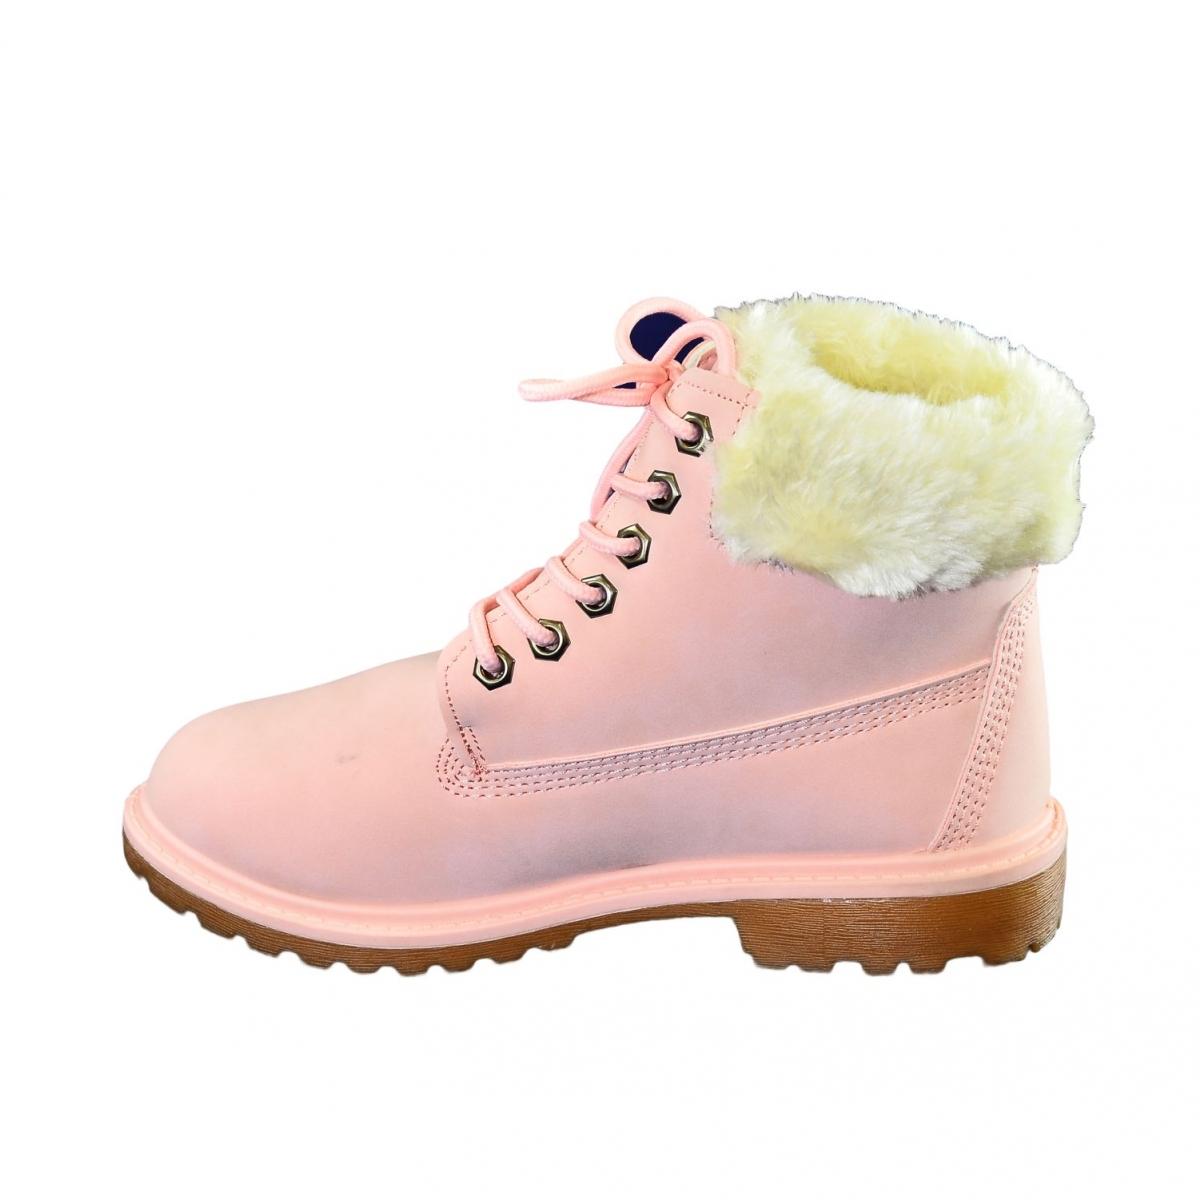 e7dc3619feed Dámske ružové topánky LEILA - 5